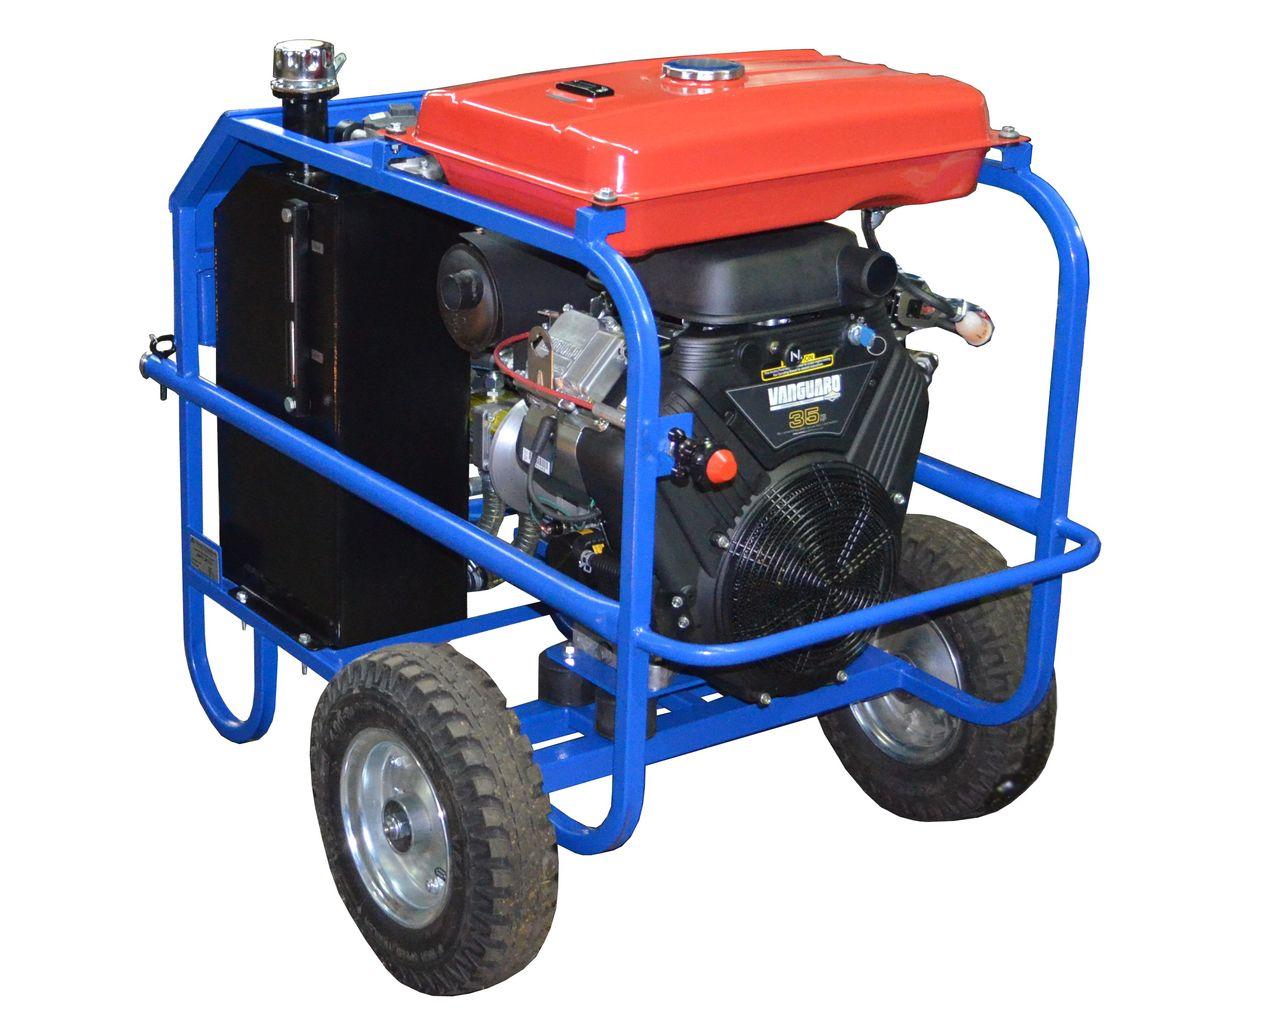 Приборы измерения, регулирования температуры термометры, пирометры, тепловизоры  гидравлические станции с бензиновым двигателем.